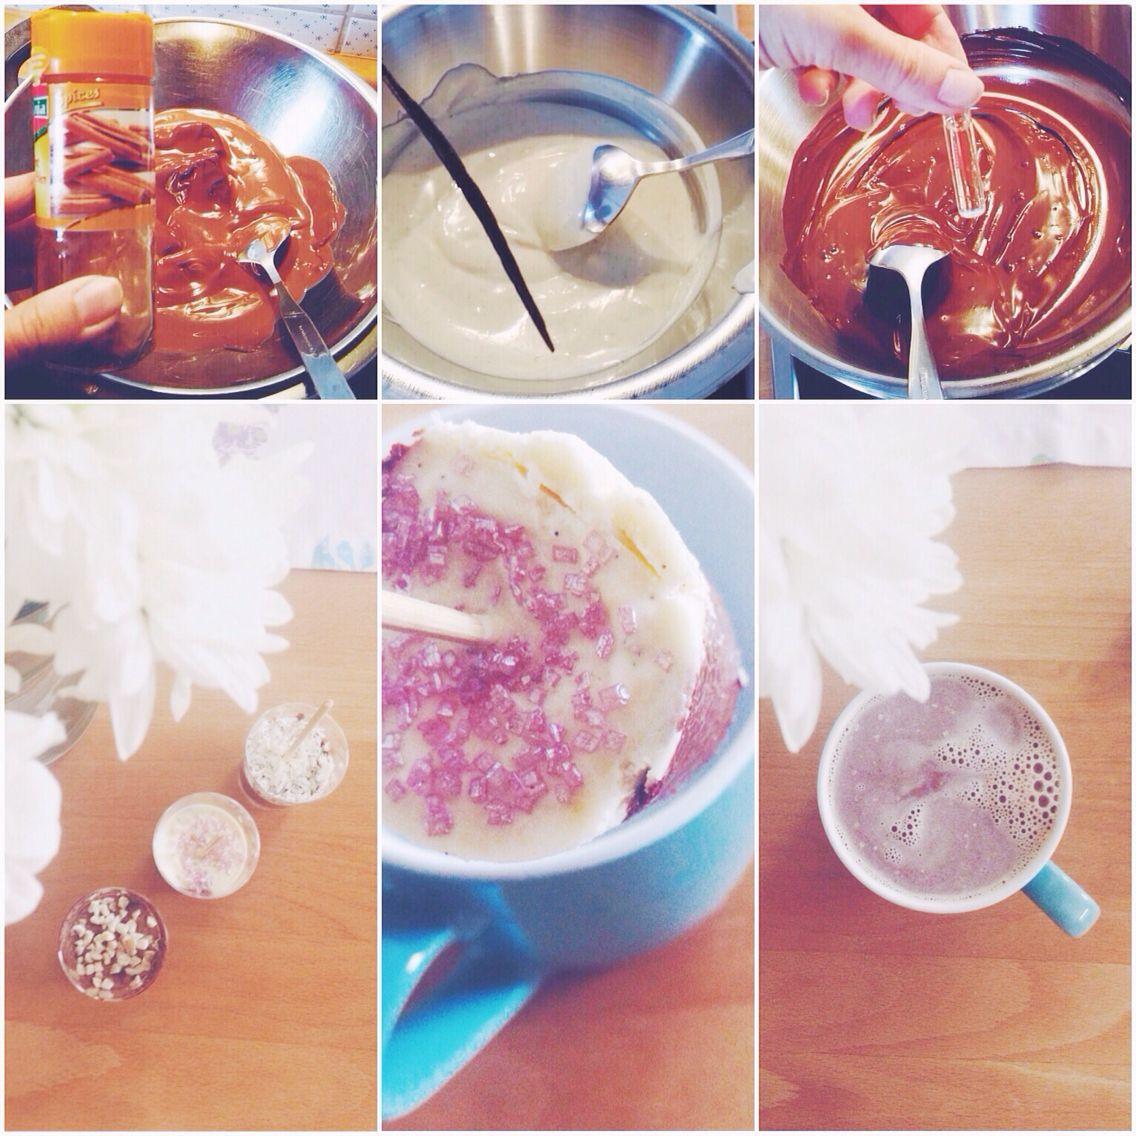 Trinkschokolade.DIY  Verschiedene Varianten: Vollmilch Kokos Zimt, Weiße Schokolade mit Vanille, Zartbitter mit rum und Haselnüssen :)